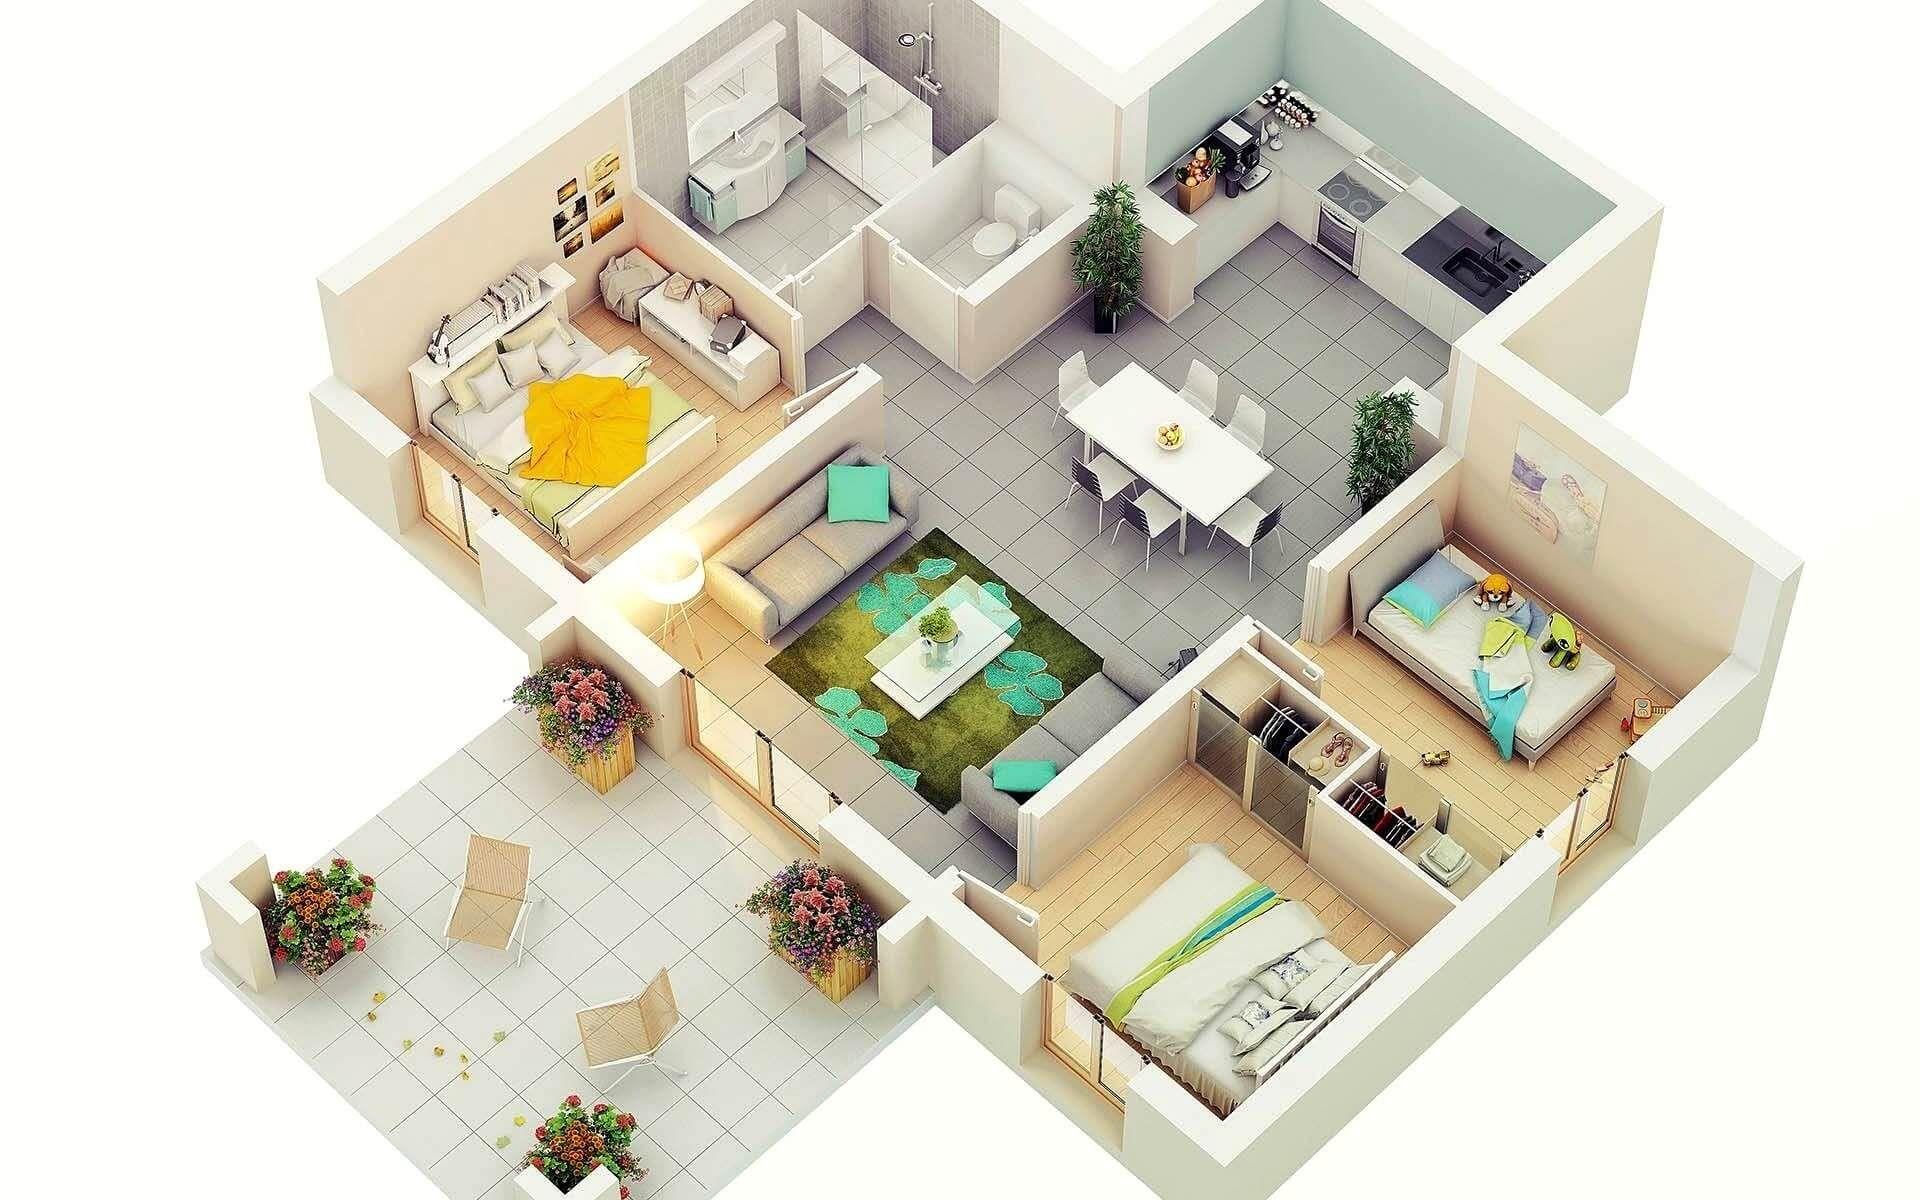 40 Amazing 3 Bedroom 3d Floor Plans Engineering Discoveries Four Bedroom House Plans Bedroom House Plans House Plans 3 Bedroom